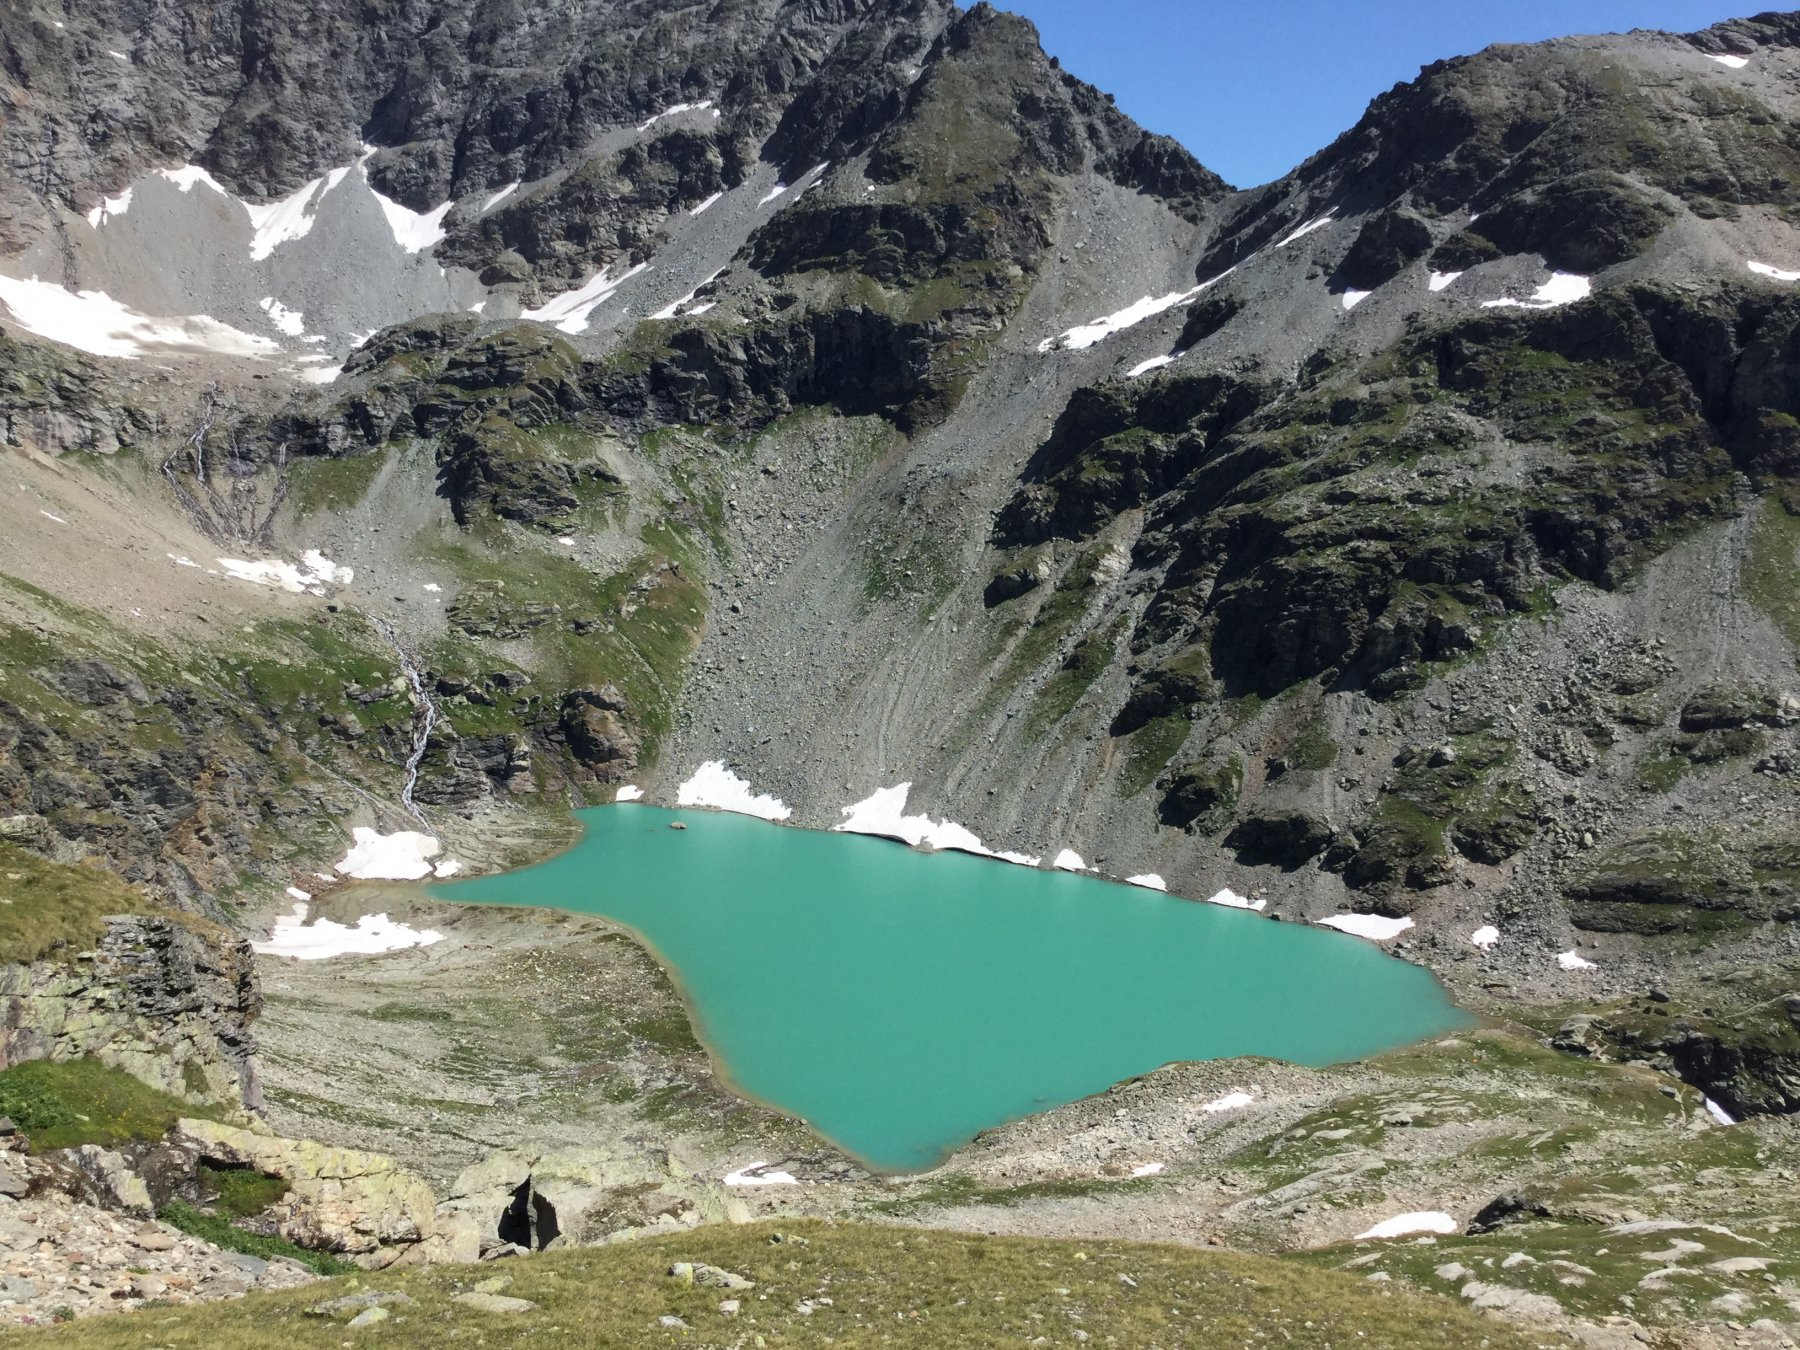 Sachère (Colle della) da Bivio Surrier-Grand Alpe 2019-08-04